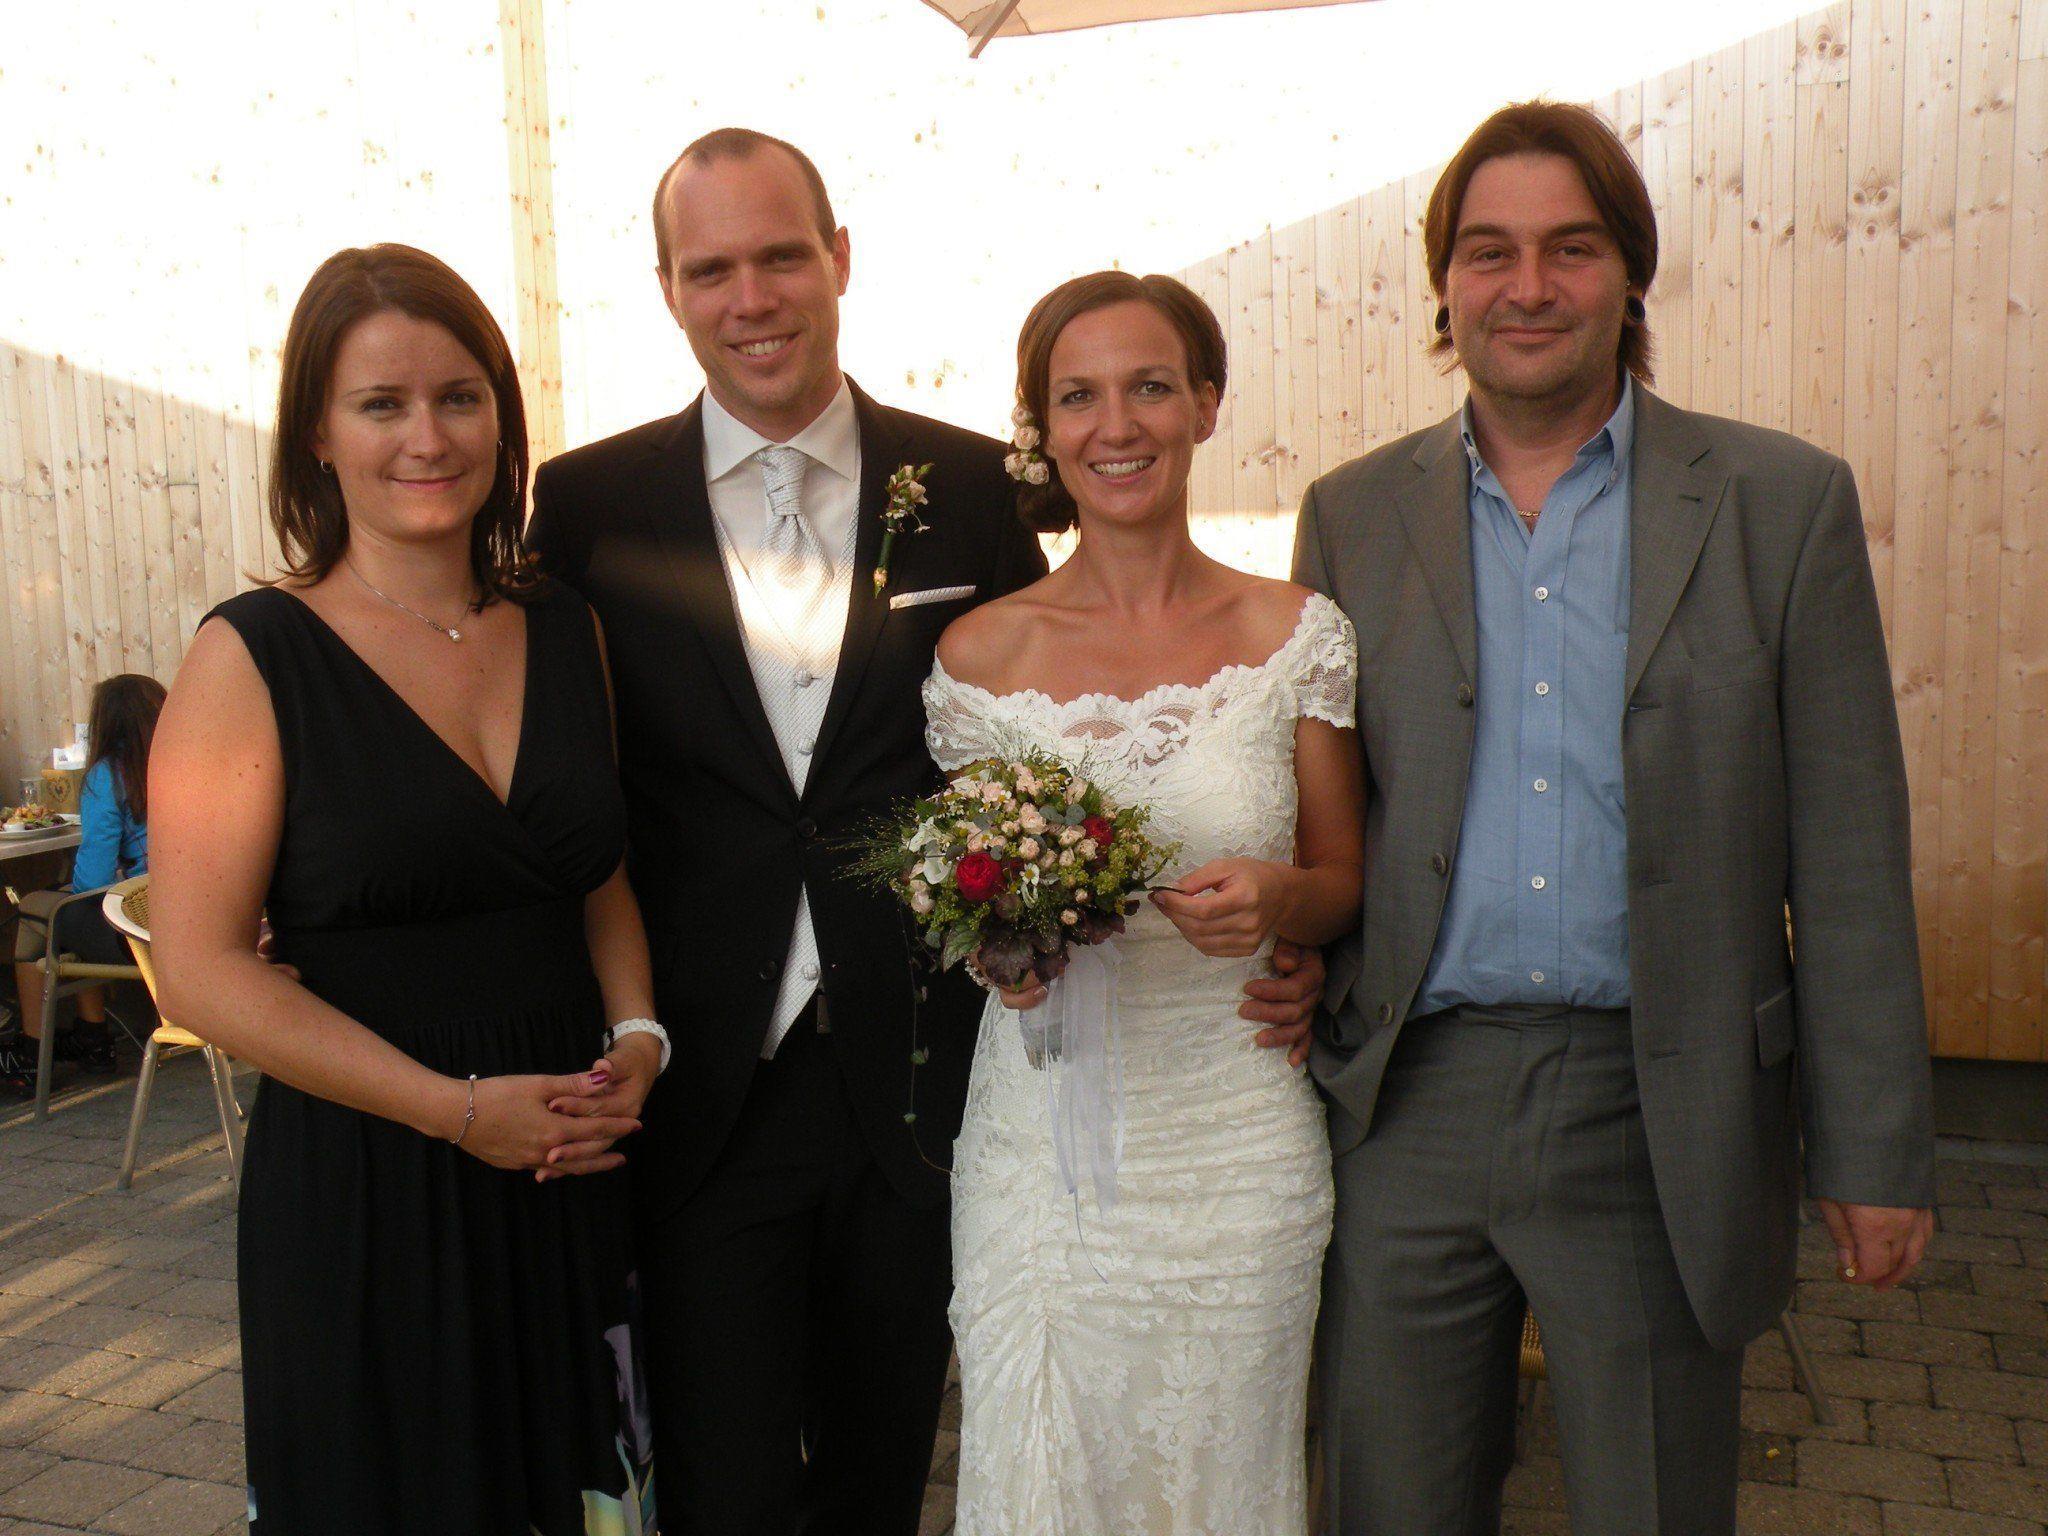 Das Brautpaar mit den Trauzeugen bei der Feier auf dem Karren.